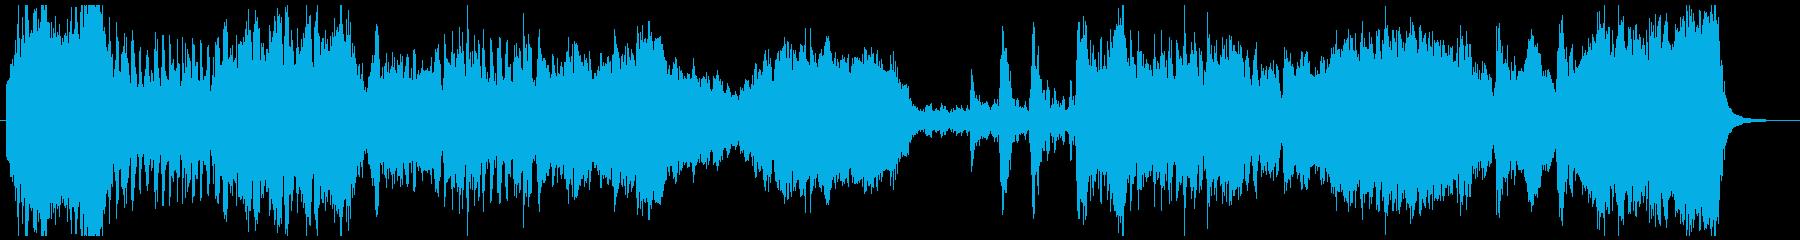 宇宙・侵略・戦闘なイメージのオーケストラの再生済みの波形